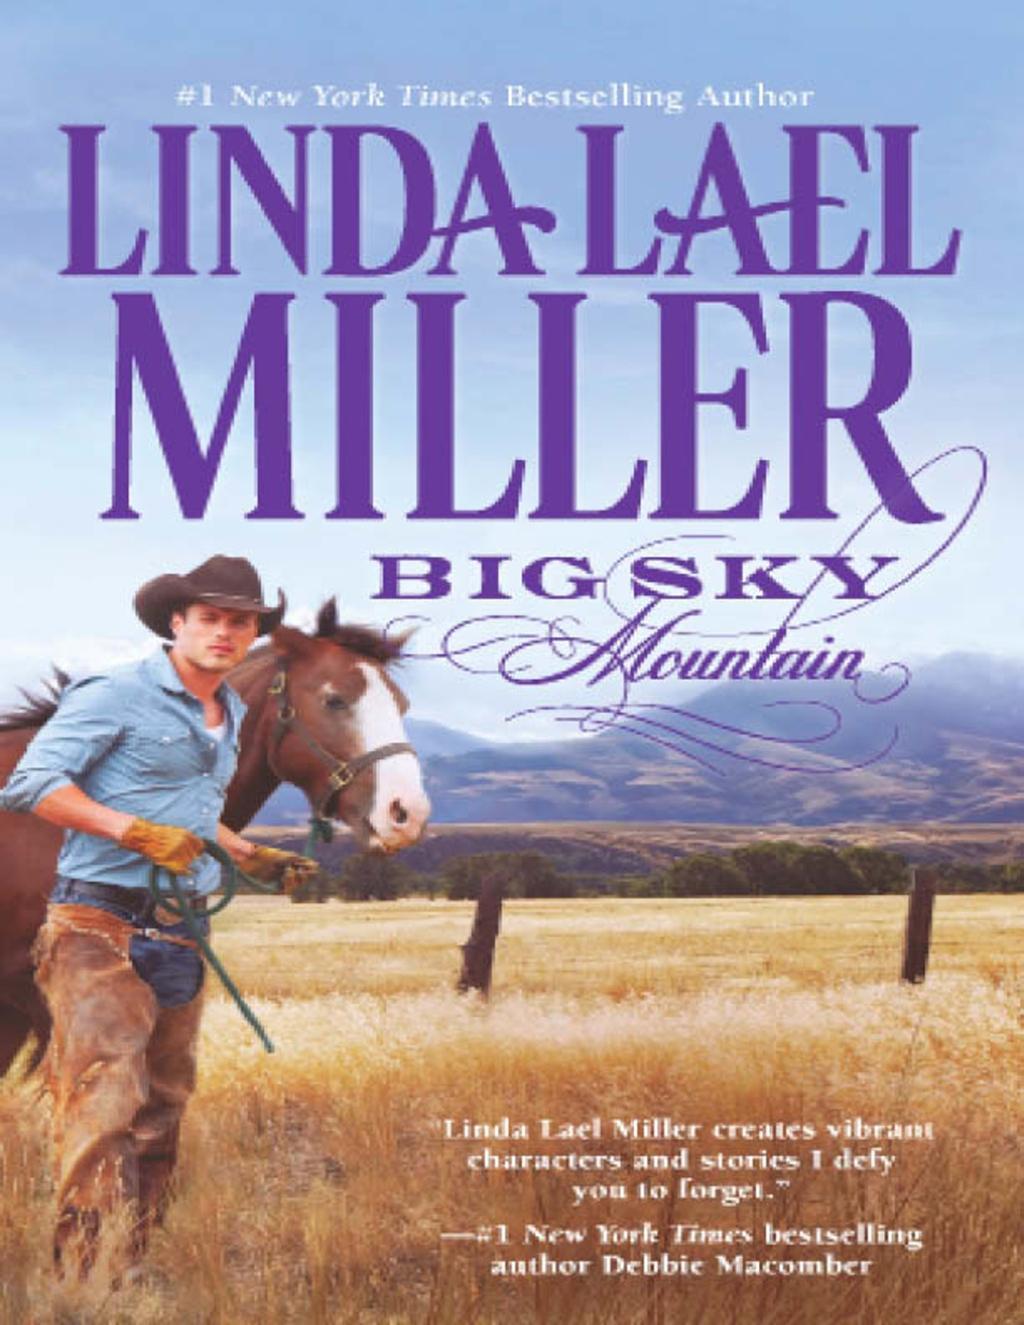 Big Sky Mountain (Mills & Boon M&B)